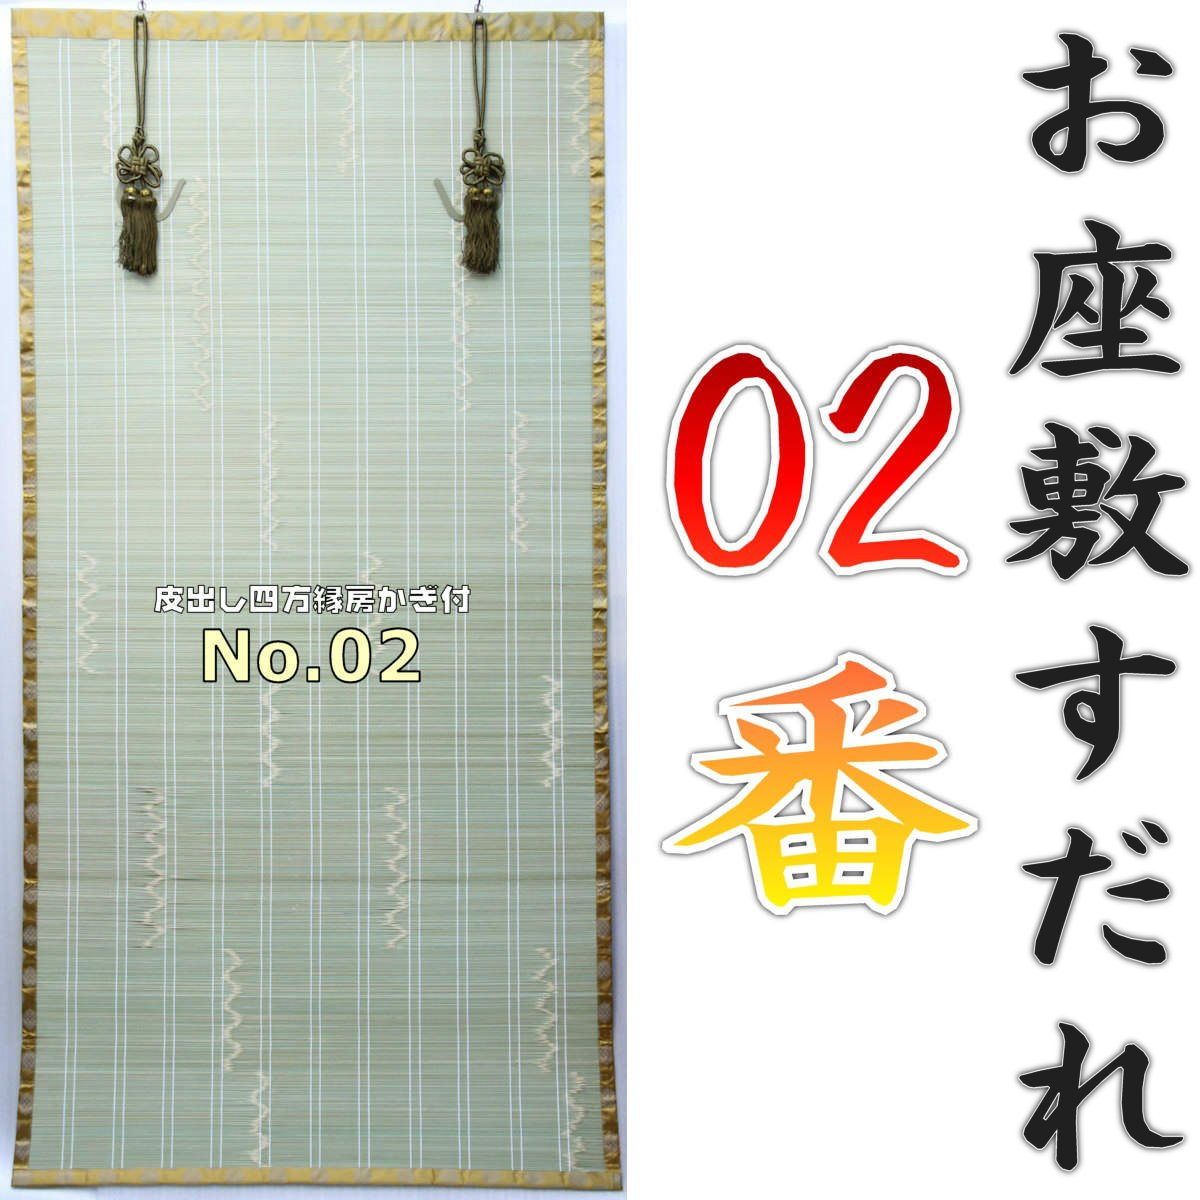 【座敷すだれ】 皮出し四方縁房かぎ付 No.2 サイズ約幅88cm長さ172cm 【御座敷簾】